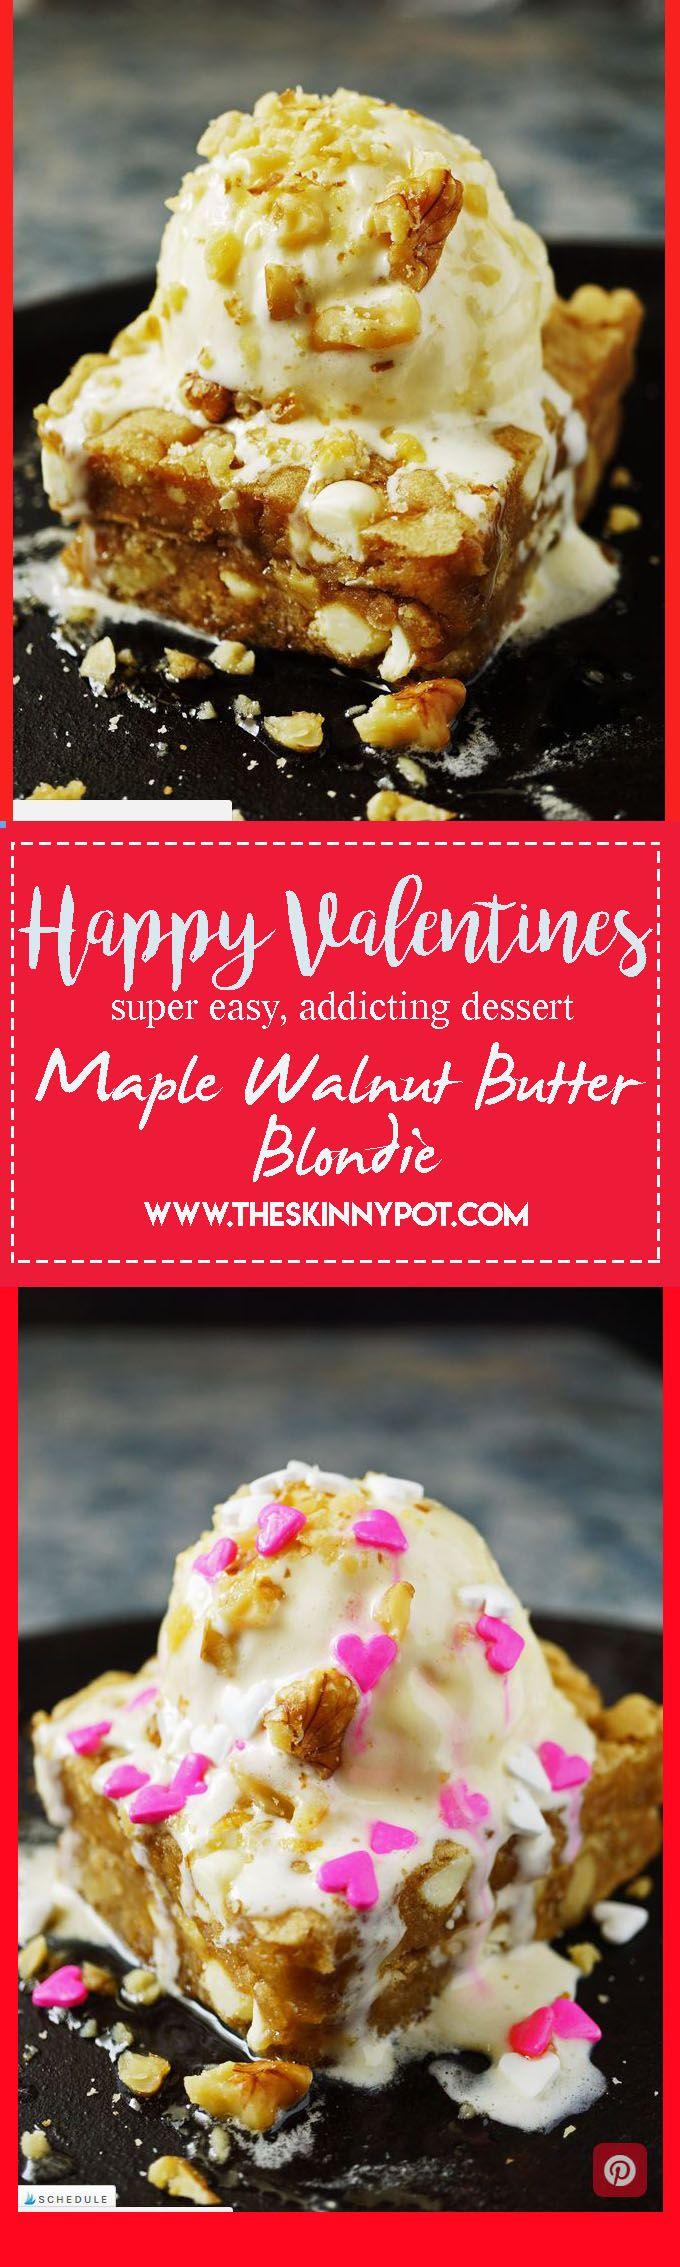 Maple Walnut Butter Blondie (Easy,Super Addicting and Few Ingredient Dessert)